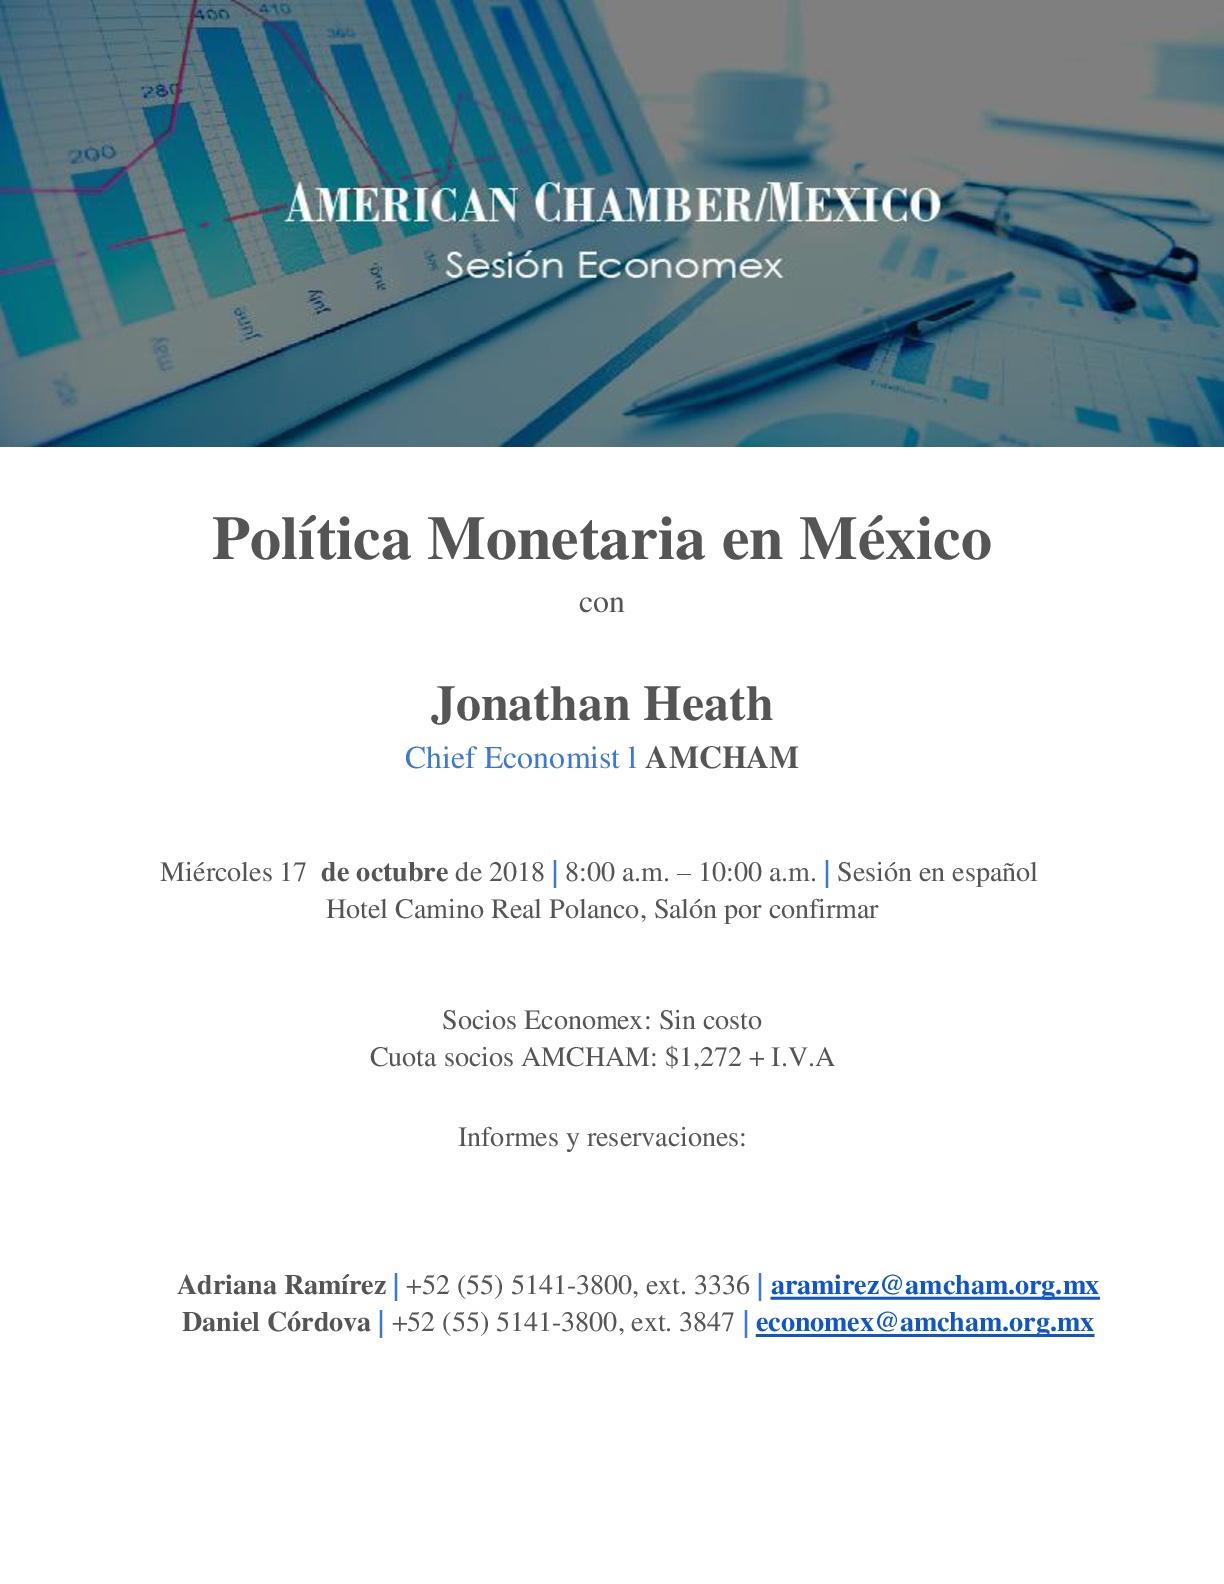 Sesión Economex: Política Monetaria en México 17/10/18